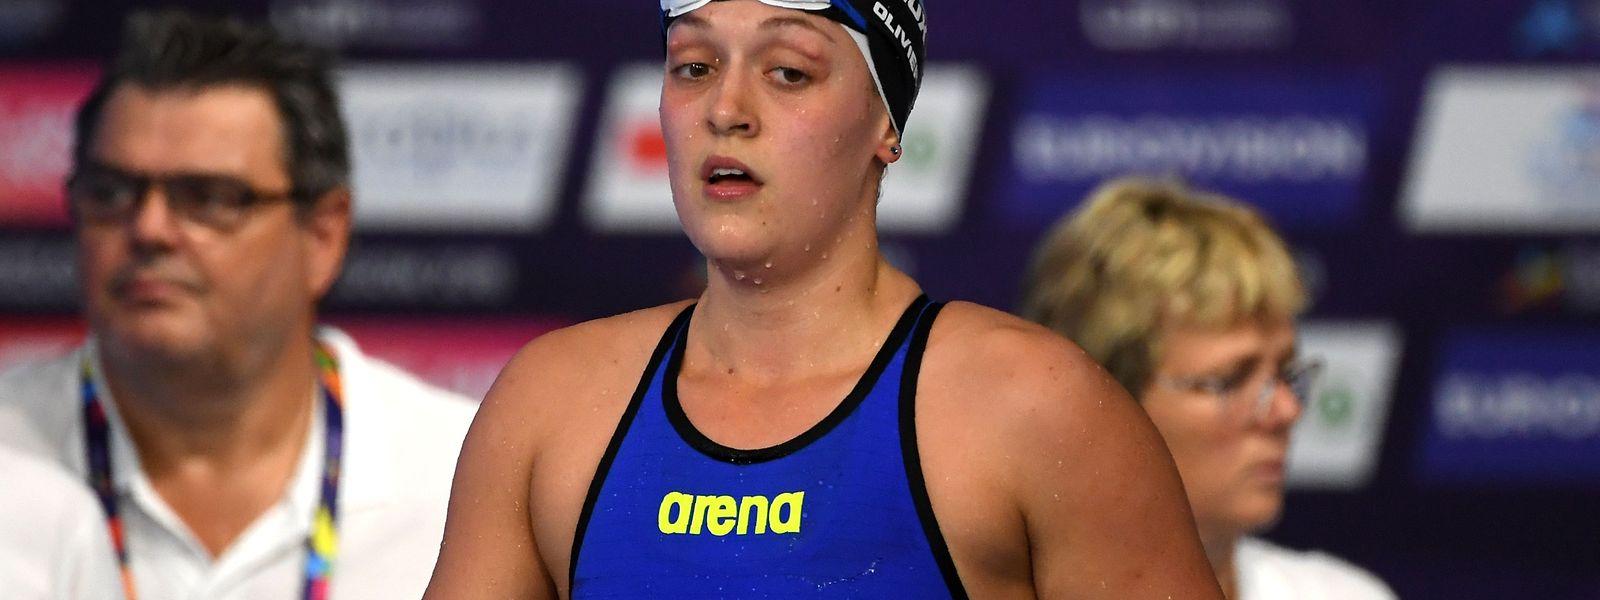 Monique Olivier startete über 300 Strecken.